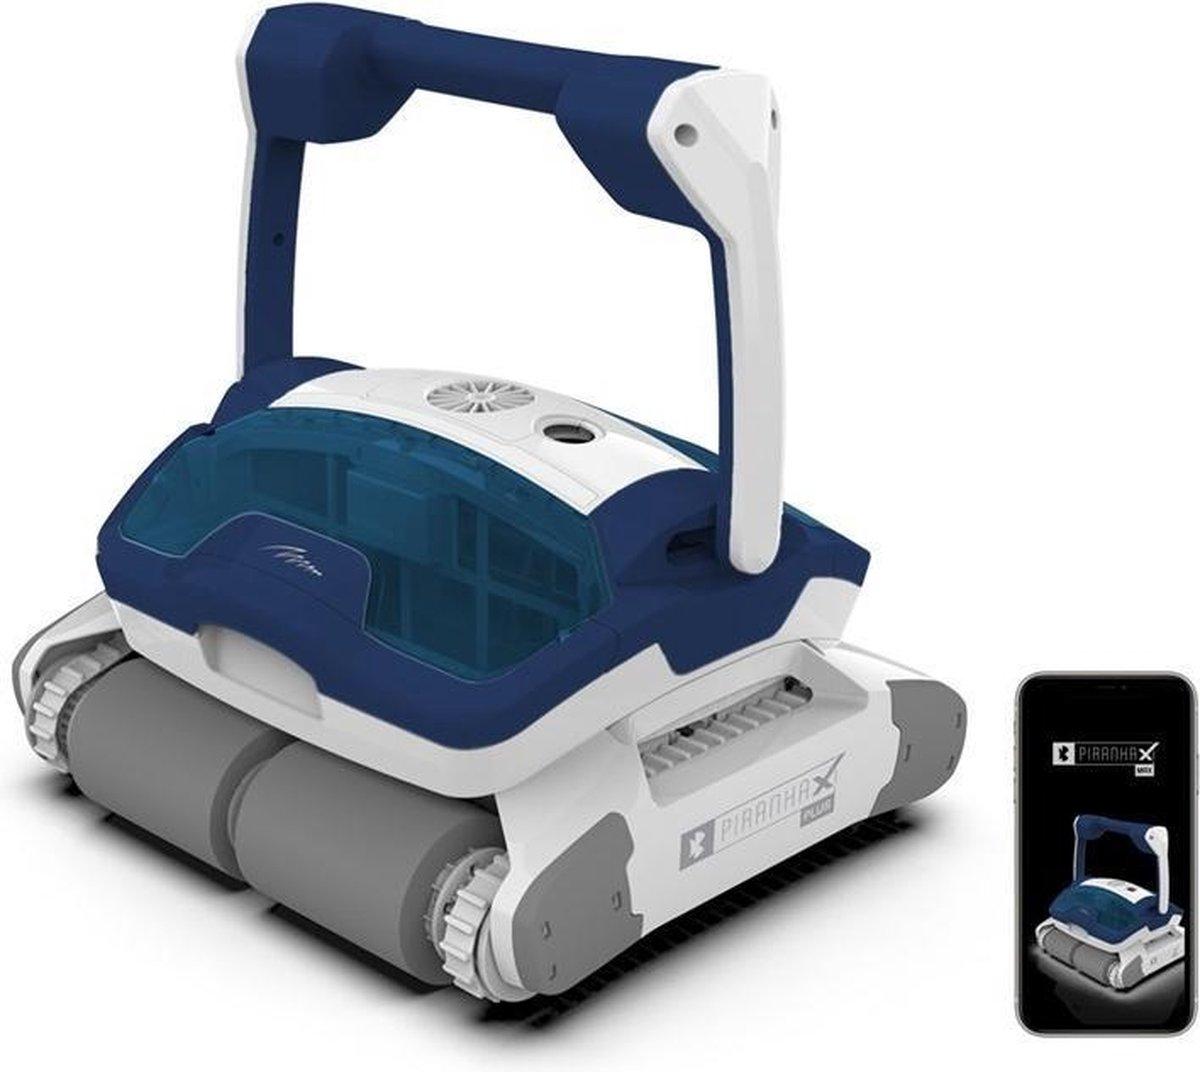 Piranha X MAX zwembadreiniger, PREMIUM zwembadrobot -3 jaar garantie - Smartphone ready